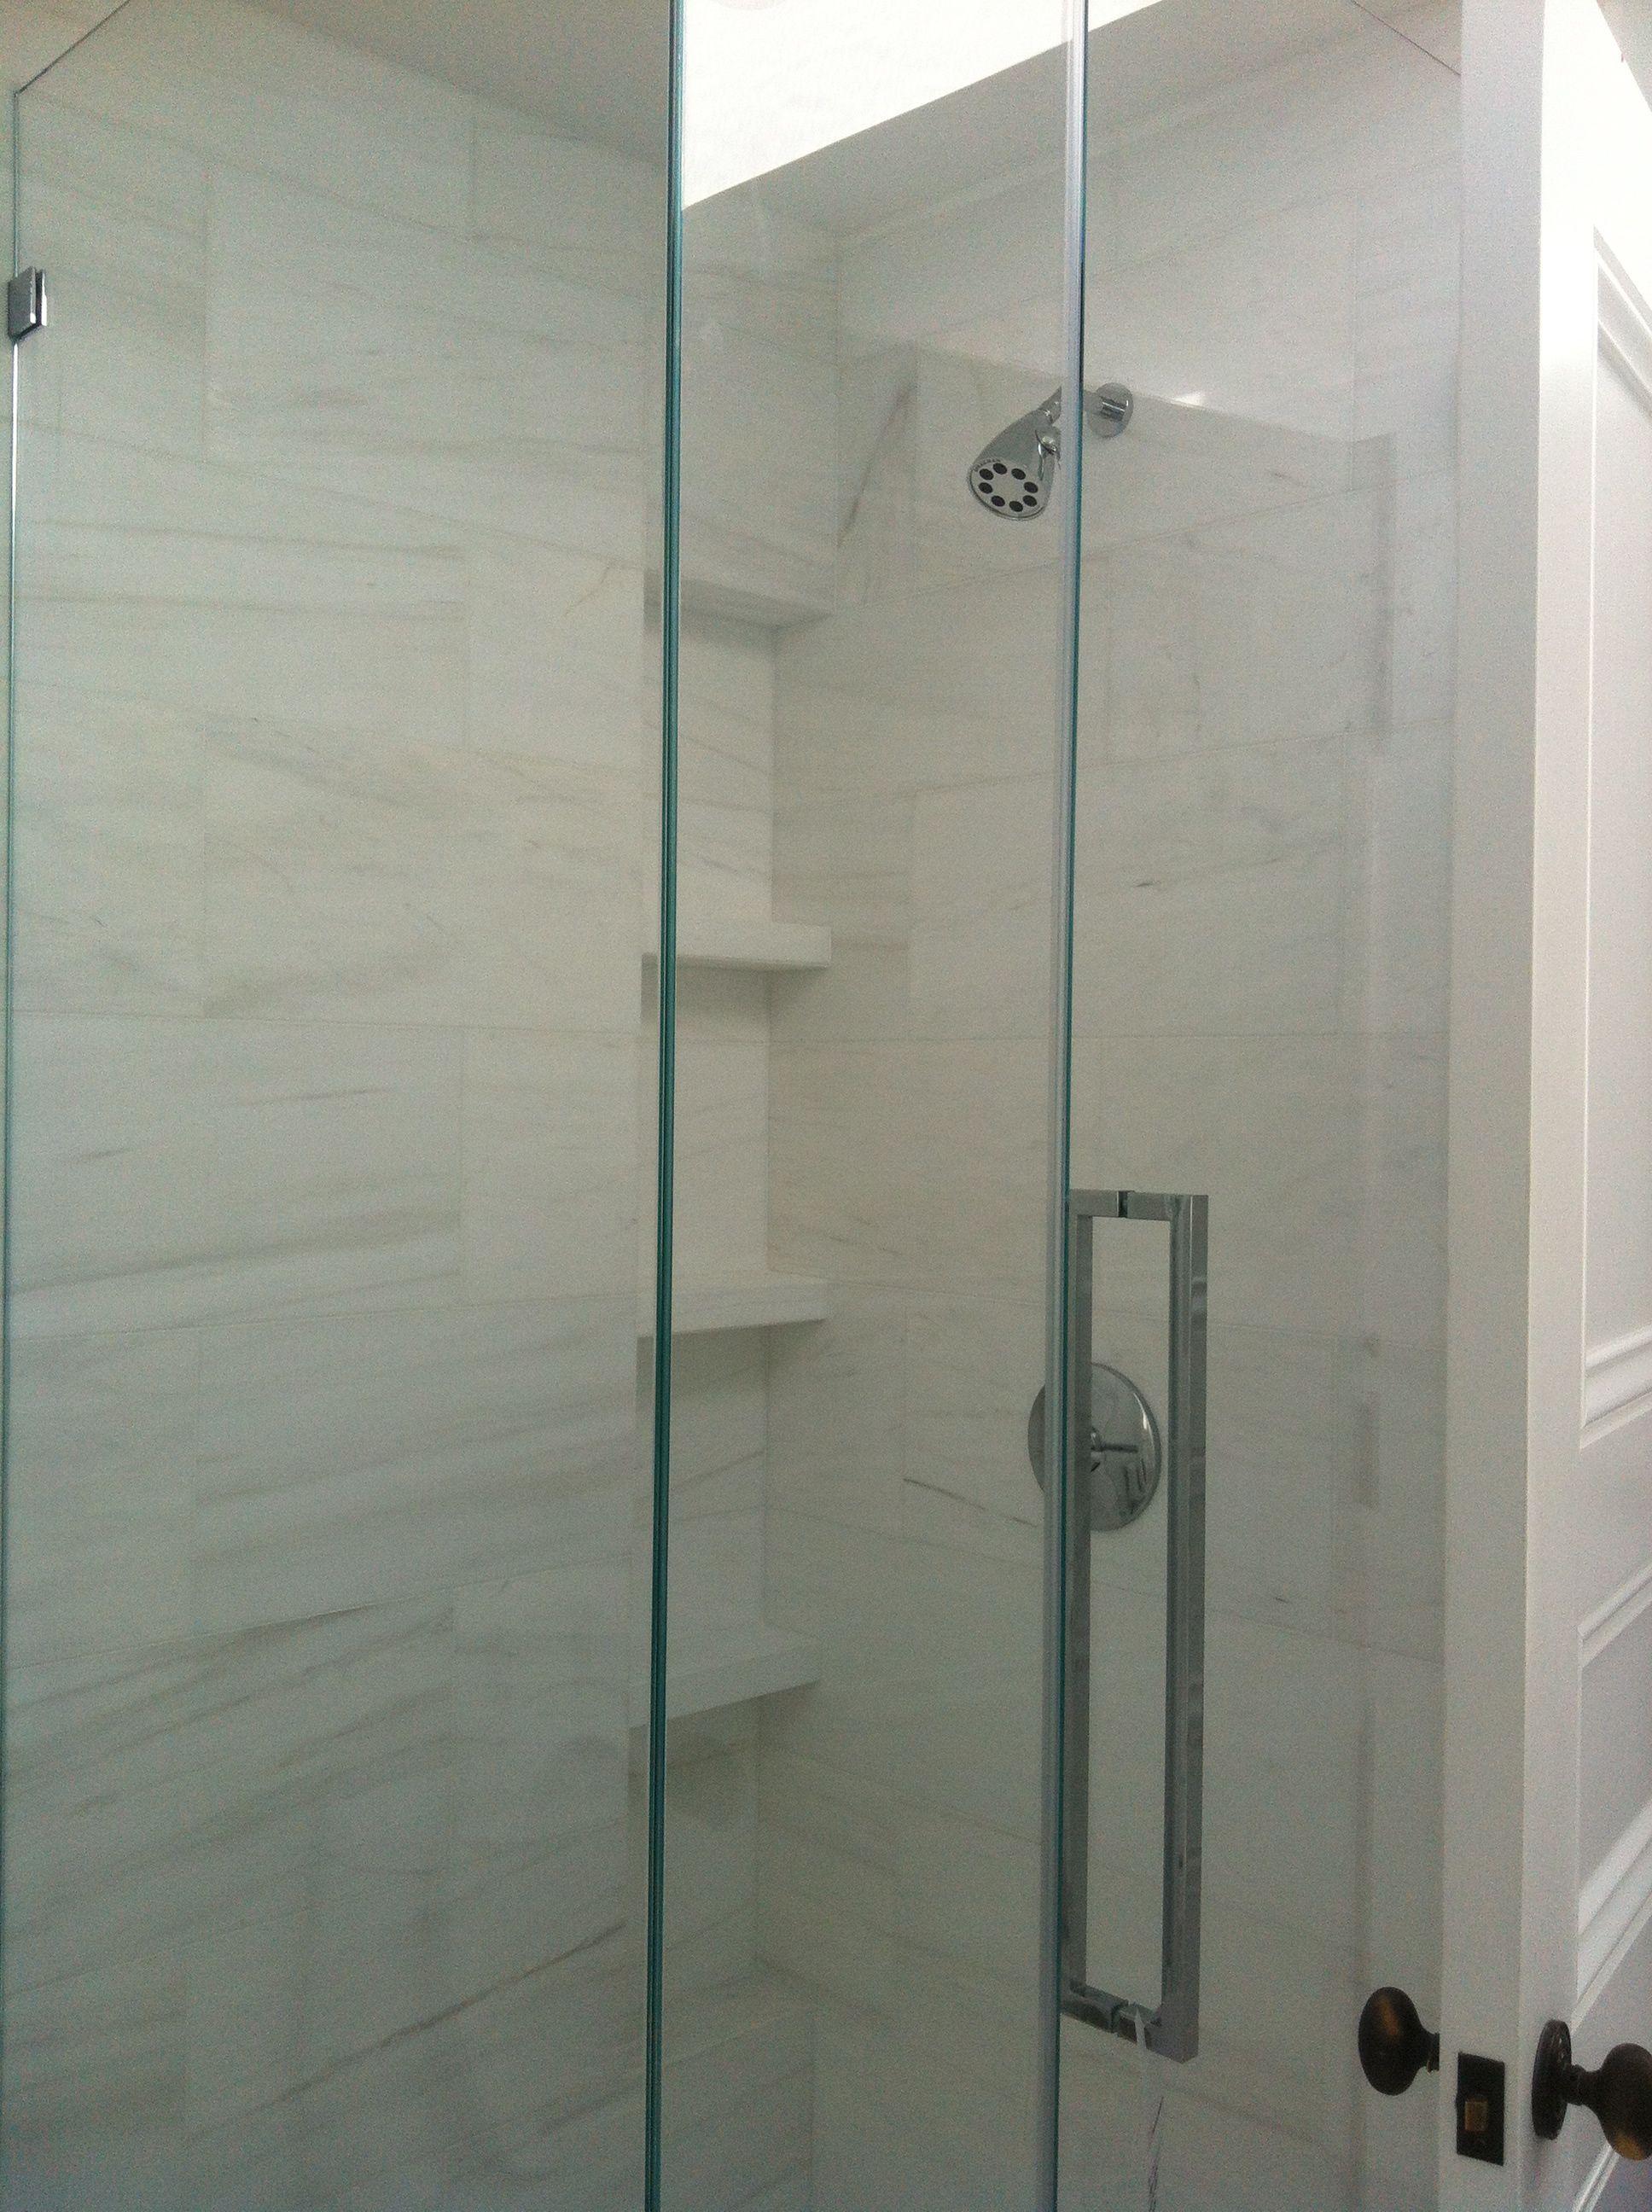 12 Quot X 24 Quot Bianco Dolomite Tile Shower Walls Marsh